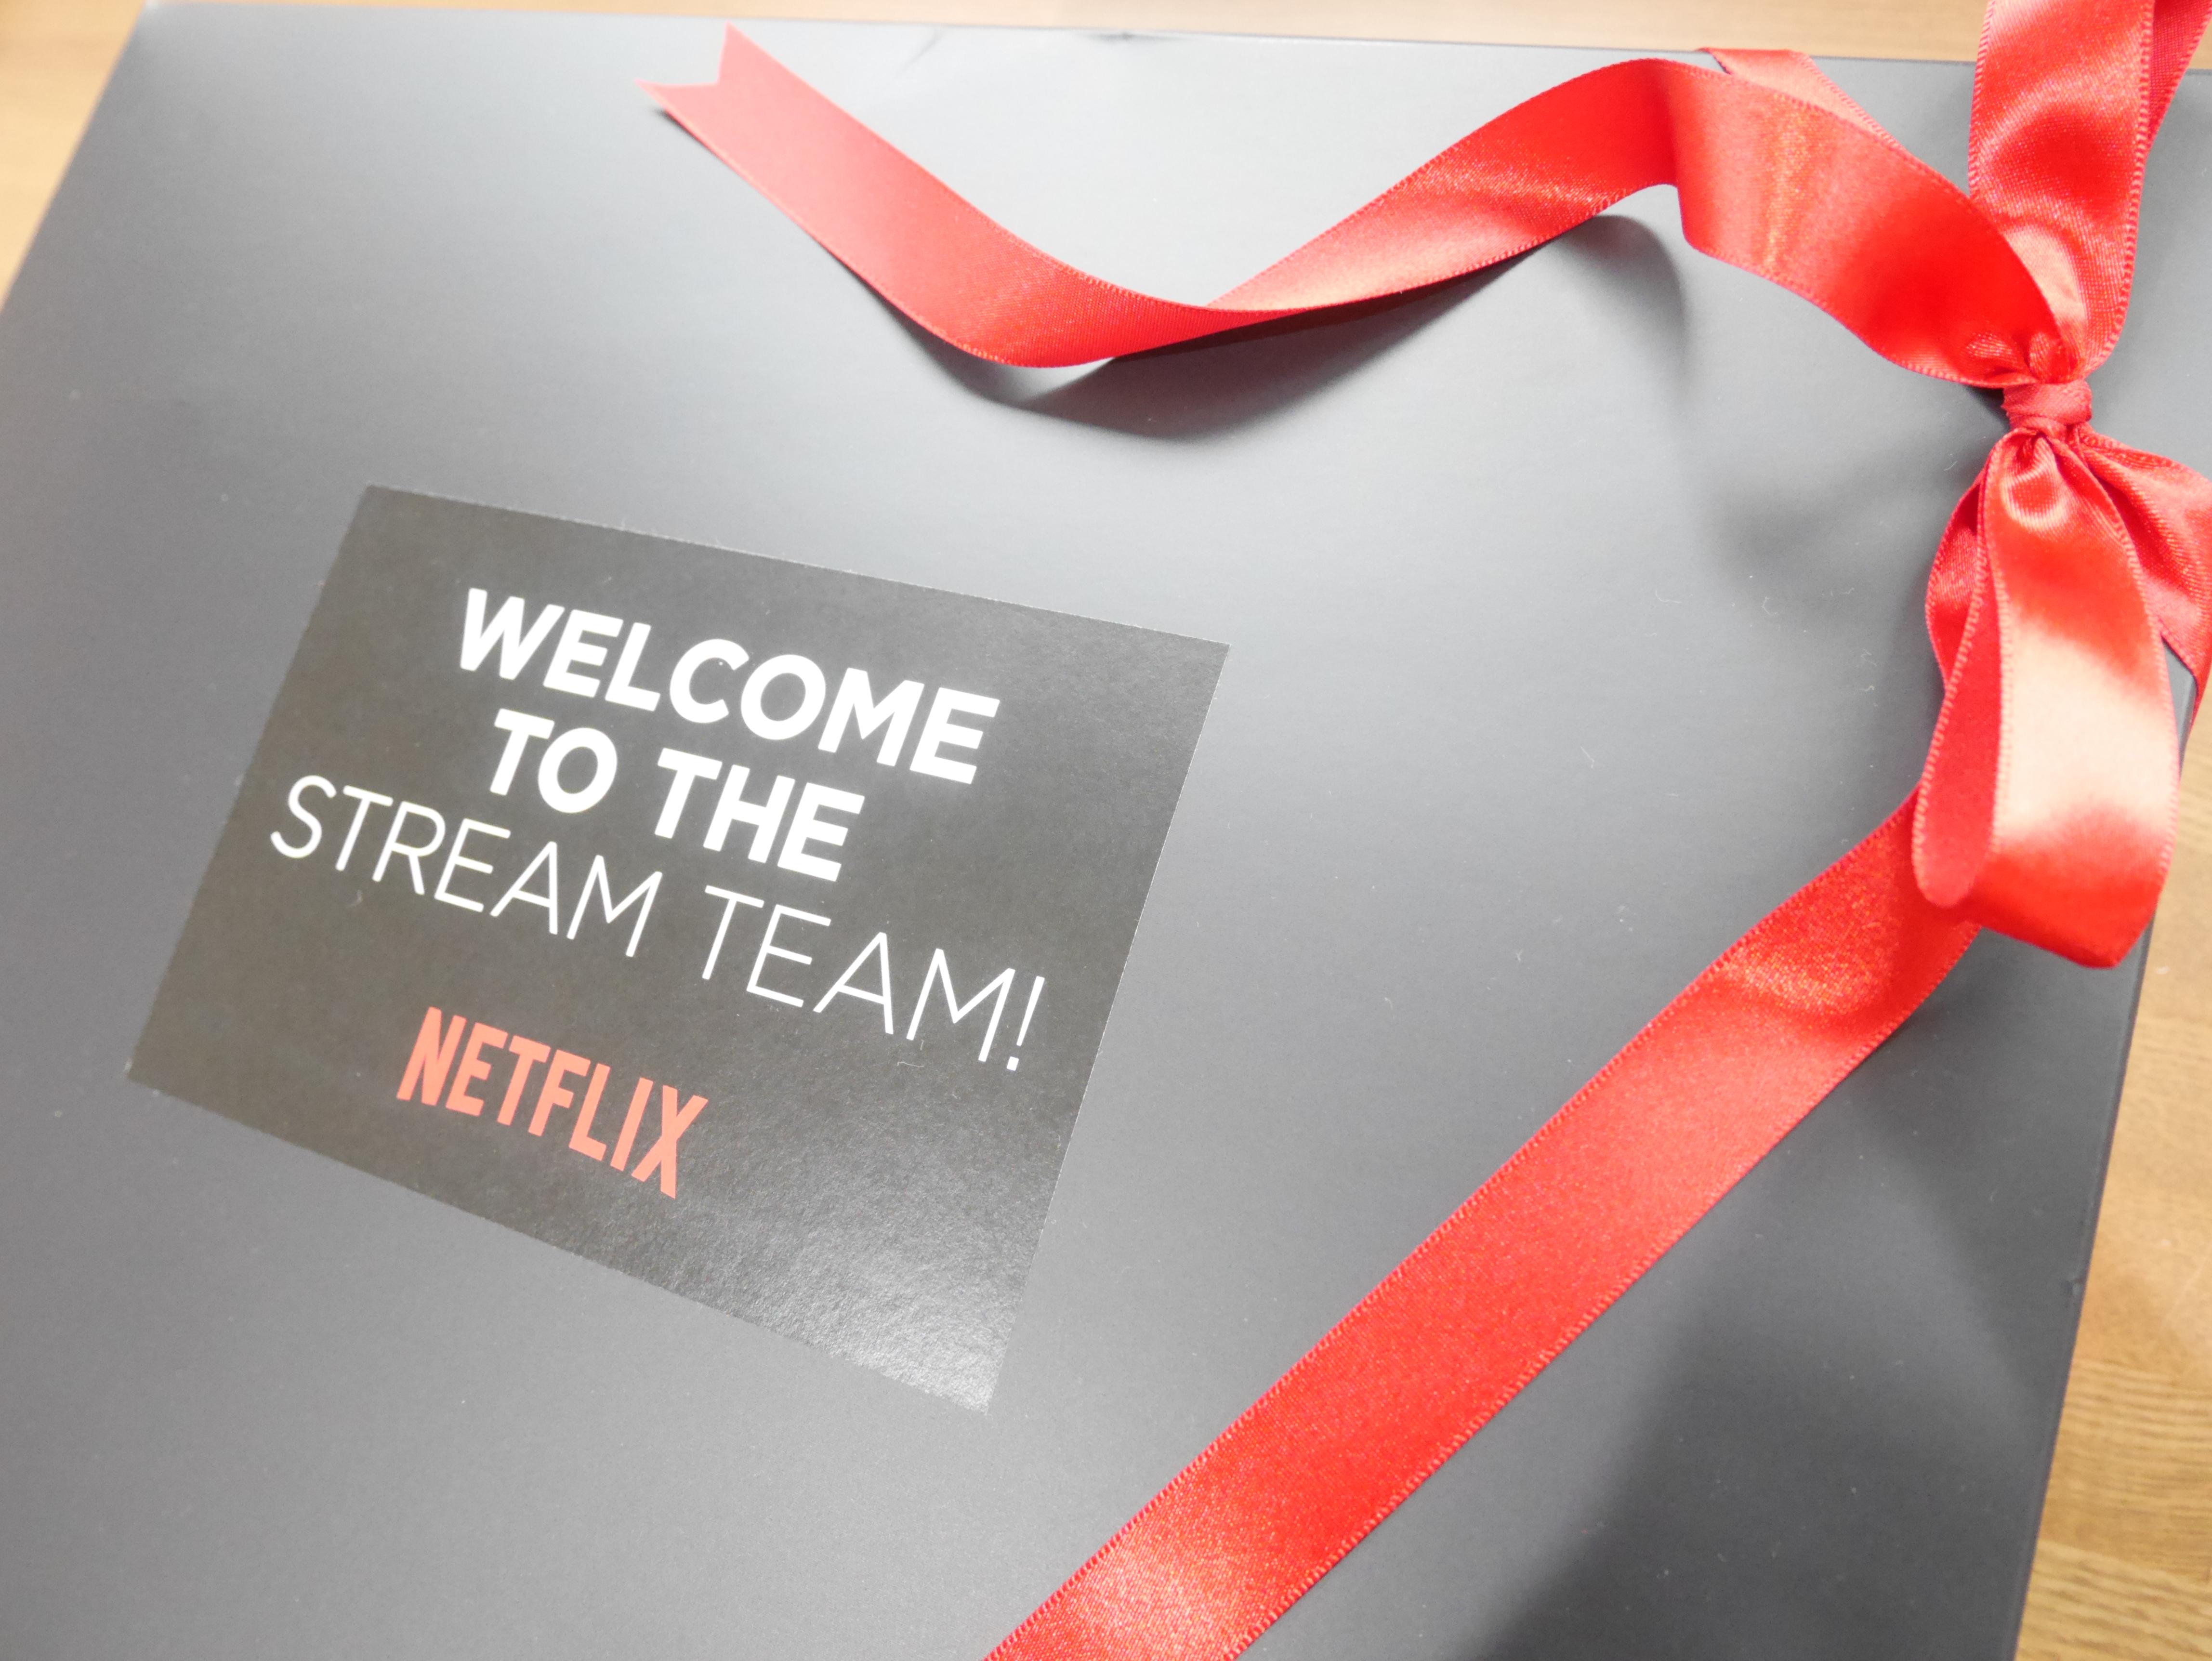 ネットフリックス、Netflix、ネトフリ、ストリームチーム